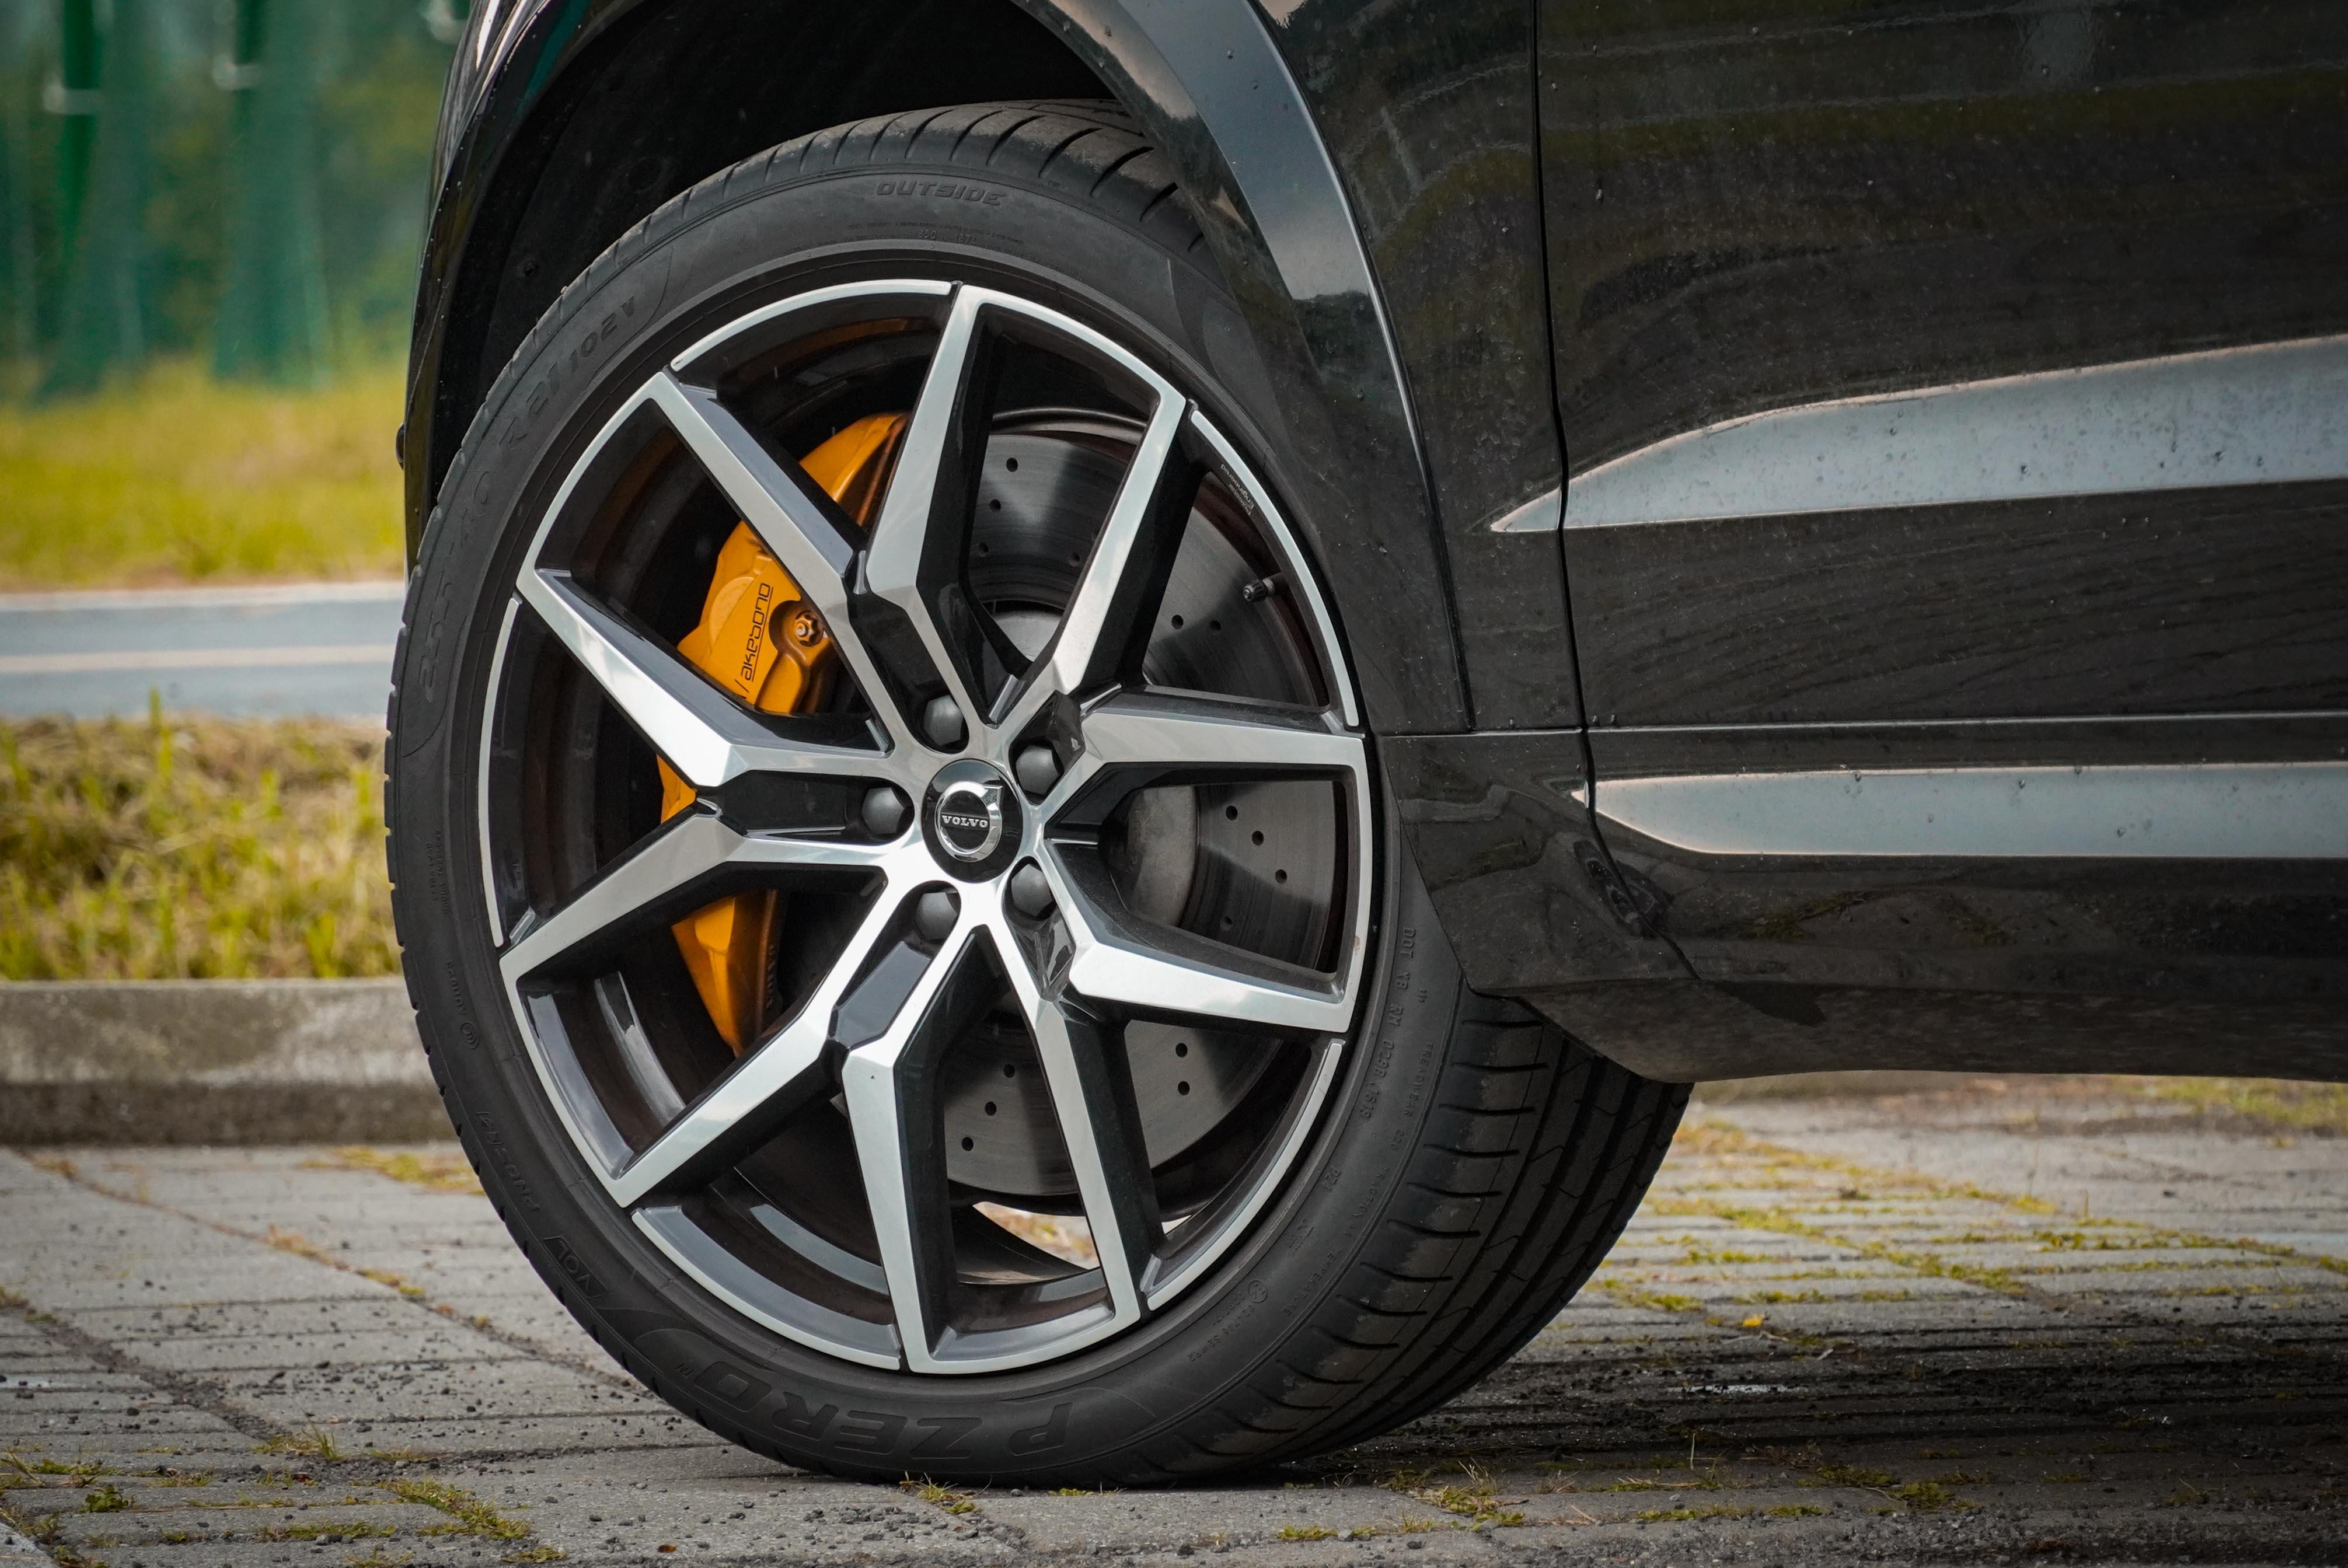 標配 21 吋亮黑鍛造鋁圈、20 吋前煞車碟盤及 Polestar Engineered 專屬煞車卡鉗,含 Akebono 前卡鉗。